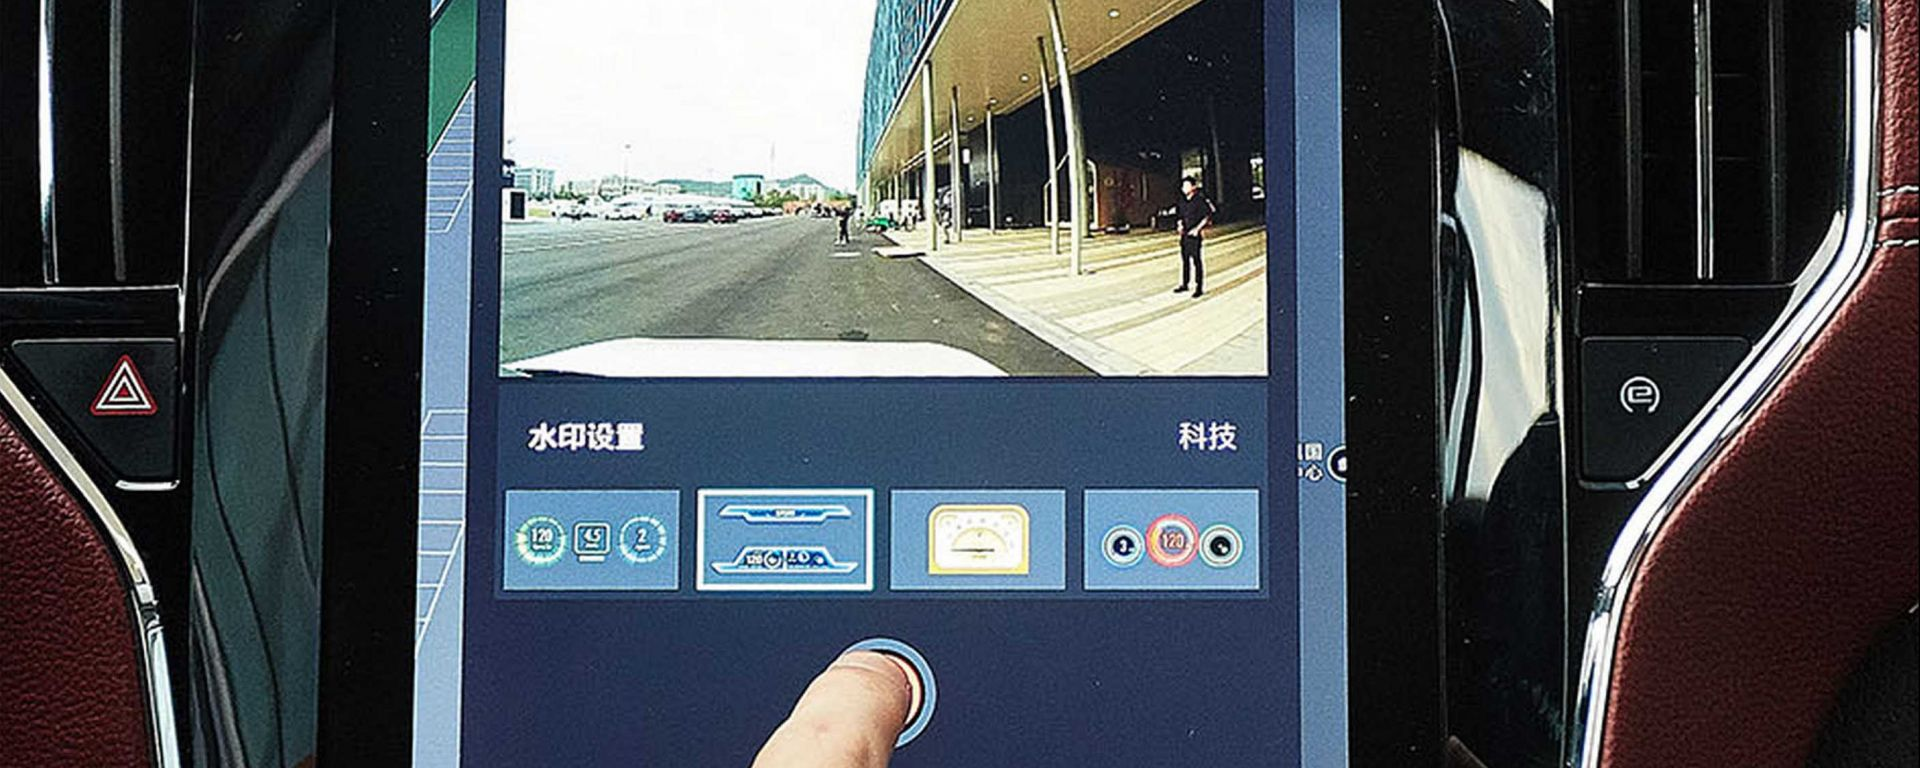 YunOS: il sistema operativo di Alibaba sbarca sull'infotainment di SAIC. E si prepara a conquistare il mondo